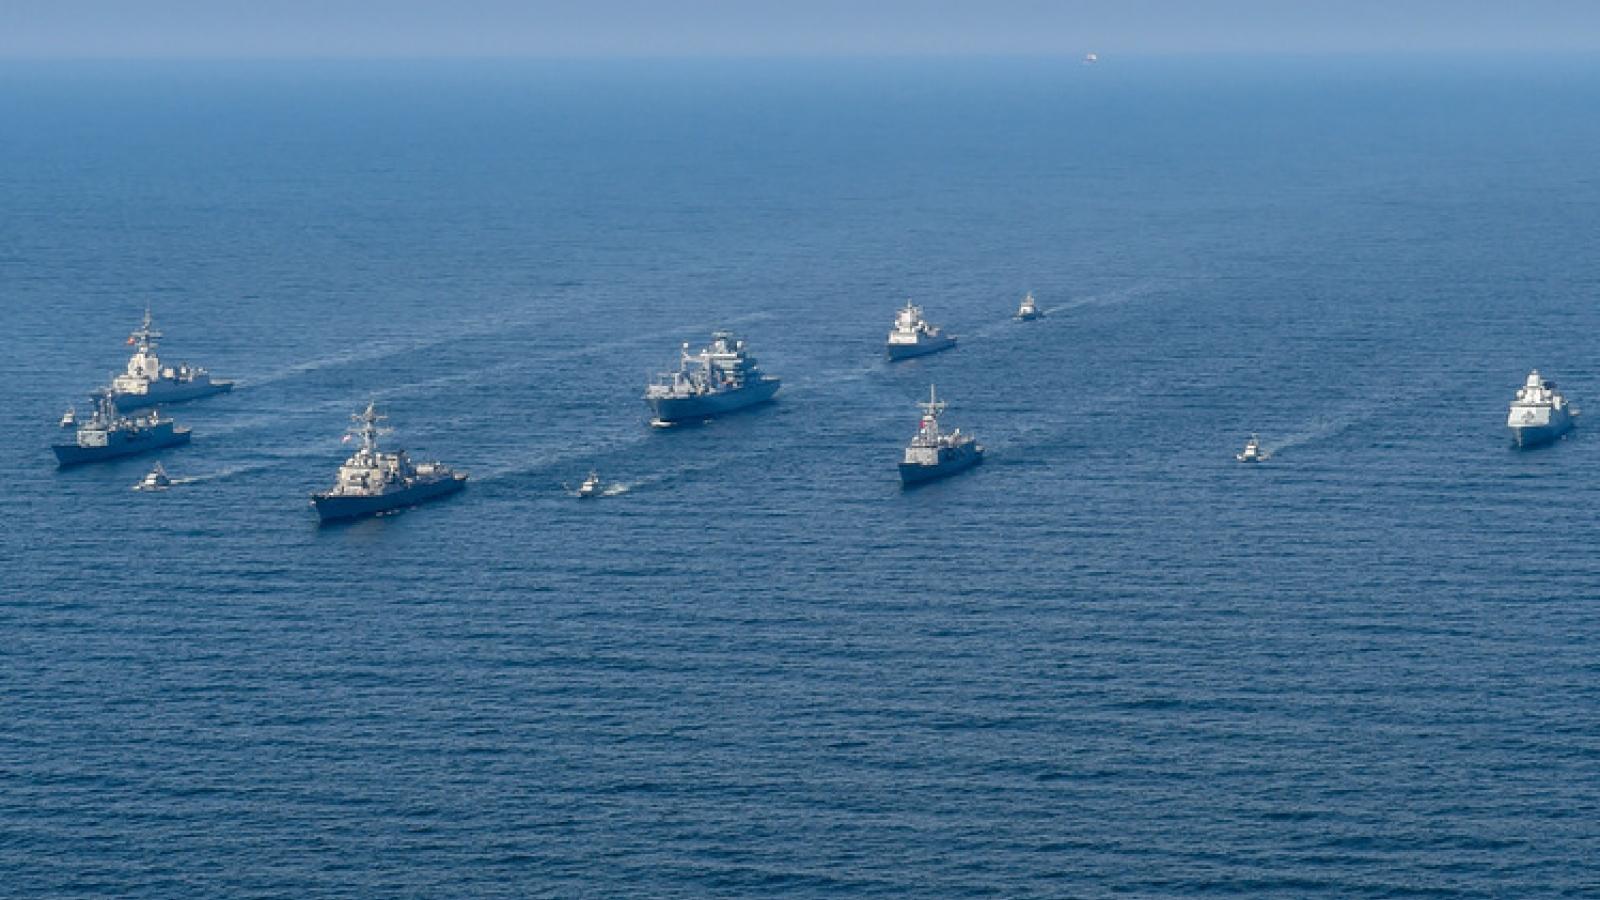 NATO-Mỹ tập trận chung lần thứ 50 trên biển Baltic